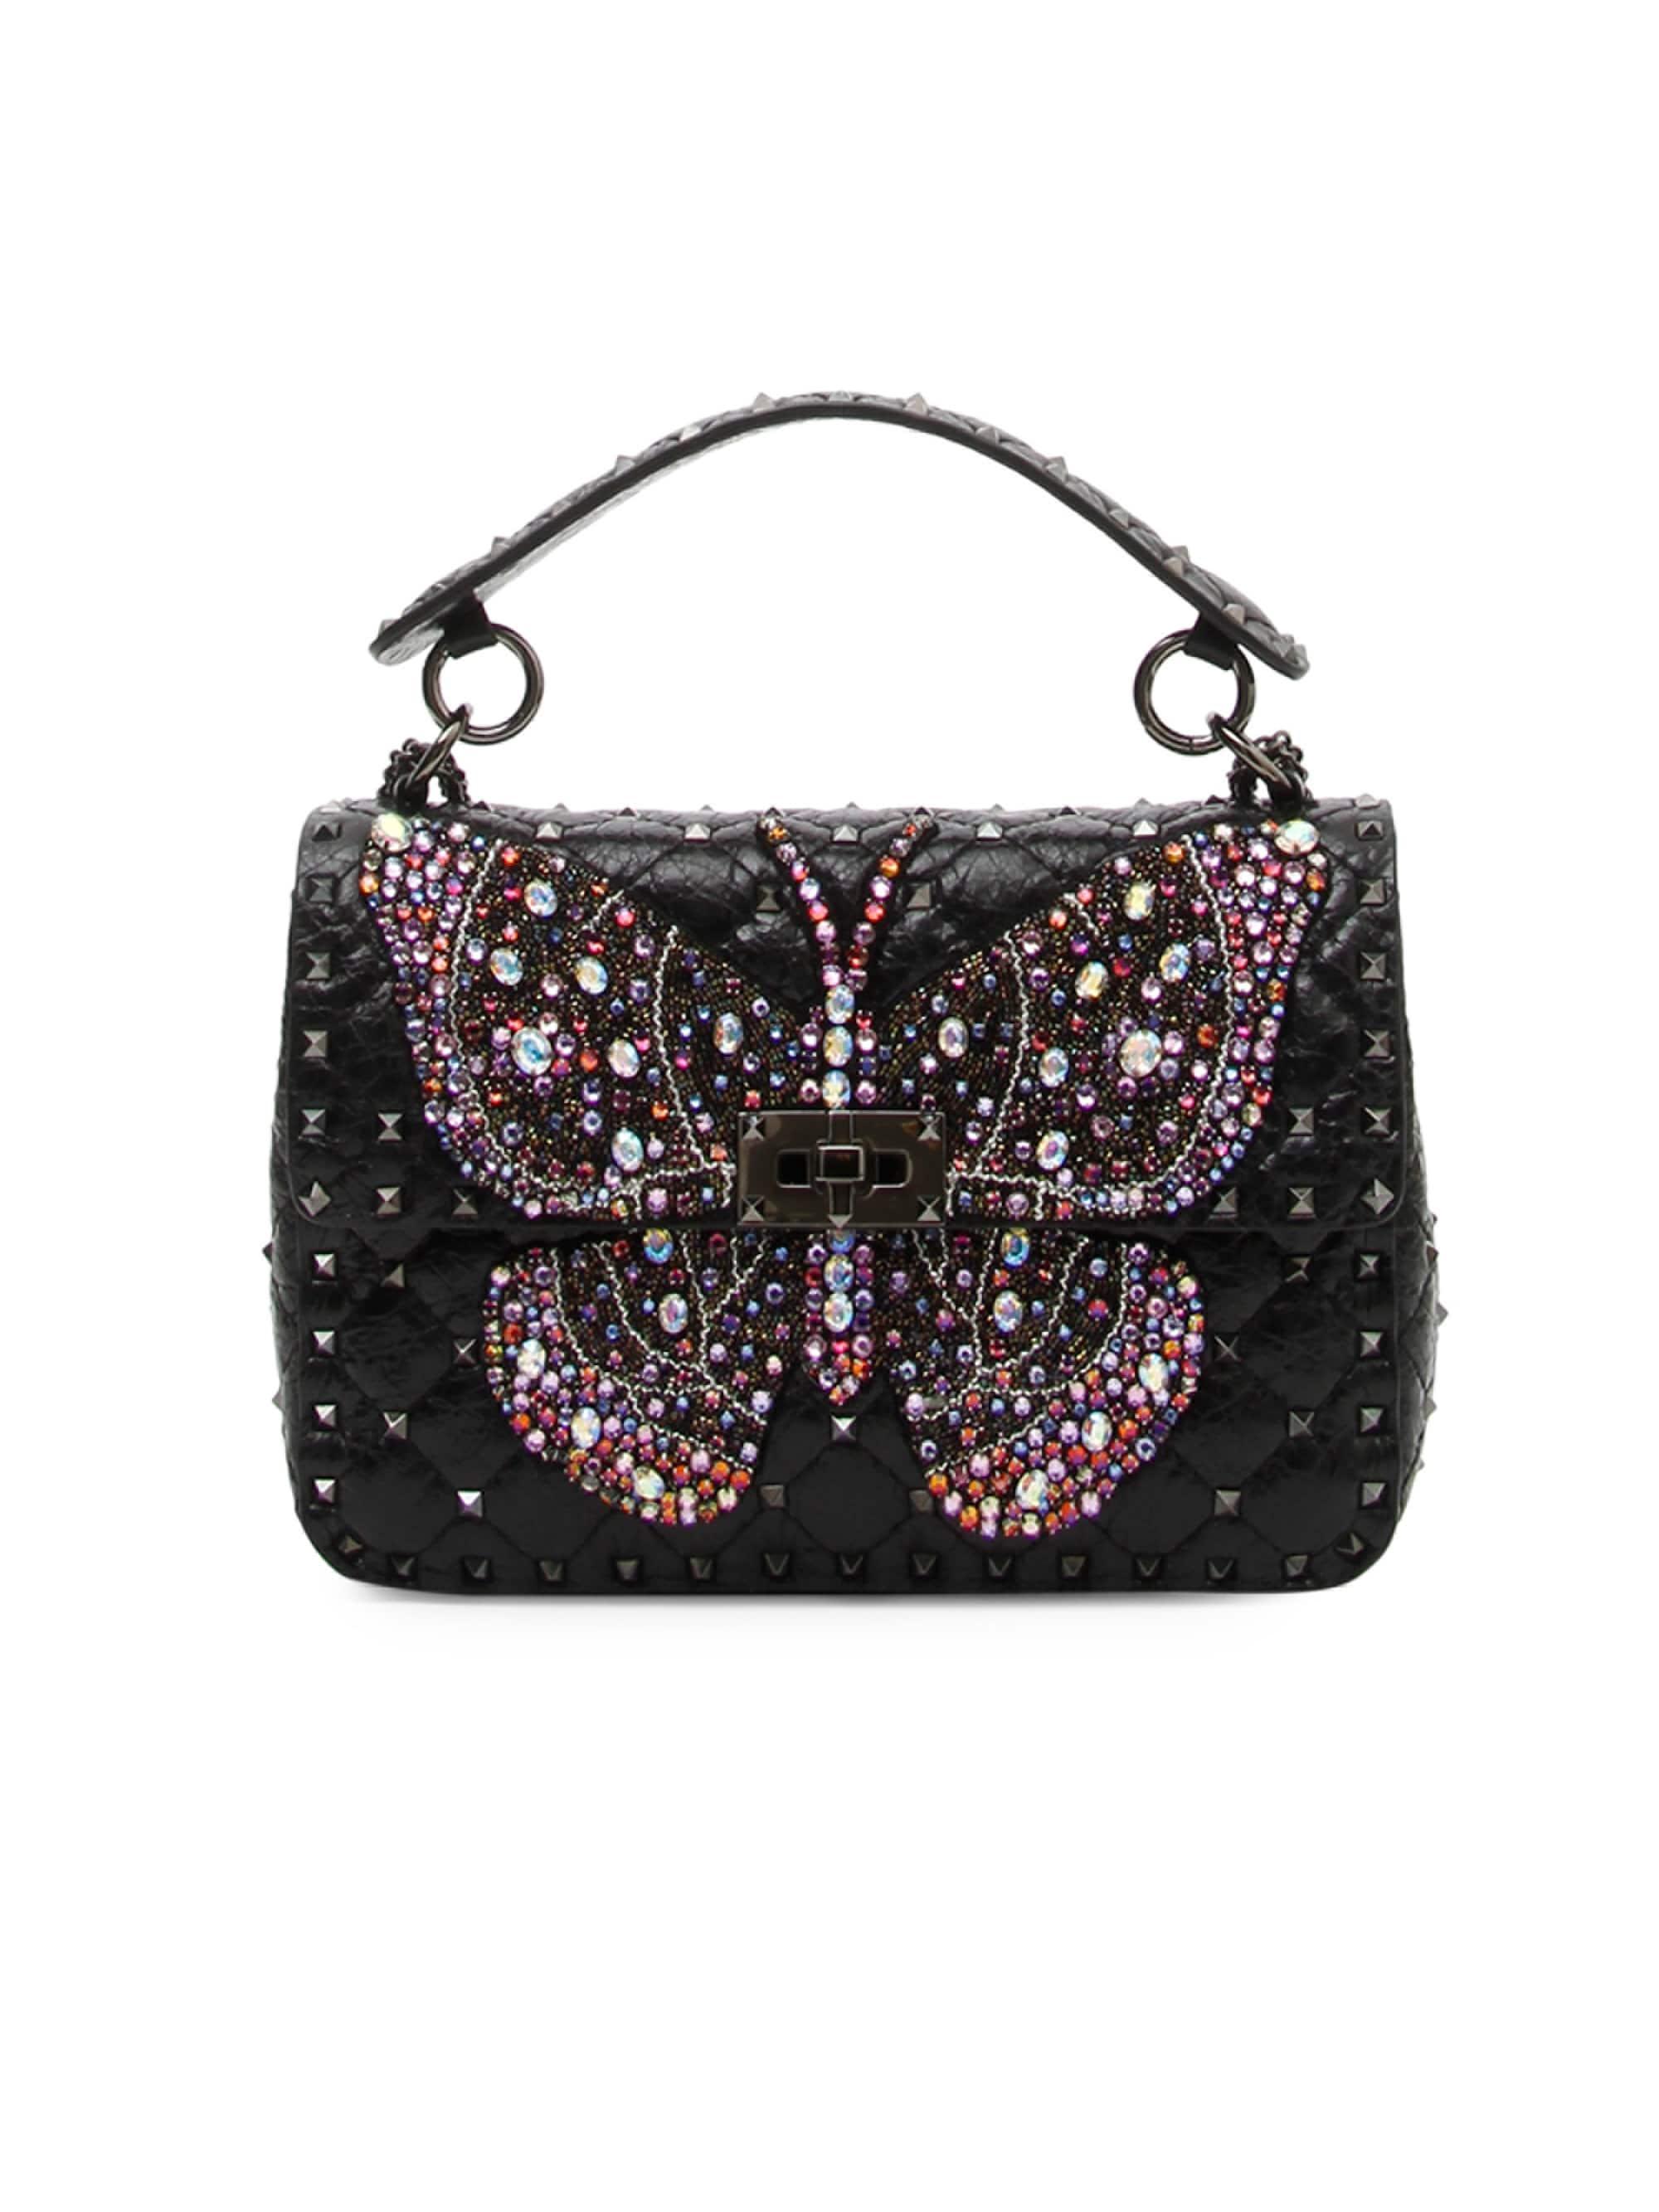 b529fd534d Lyst - Valentino Women's Rockstud Butterfly Shoulder Bag - Black in ...